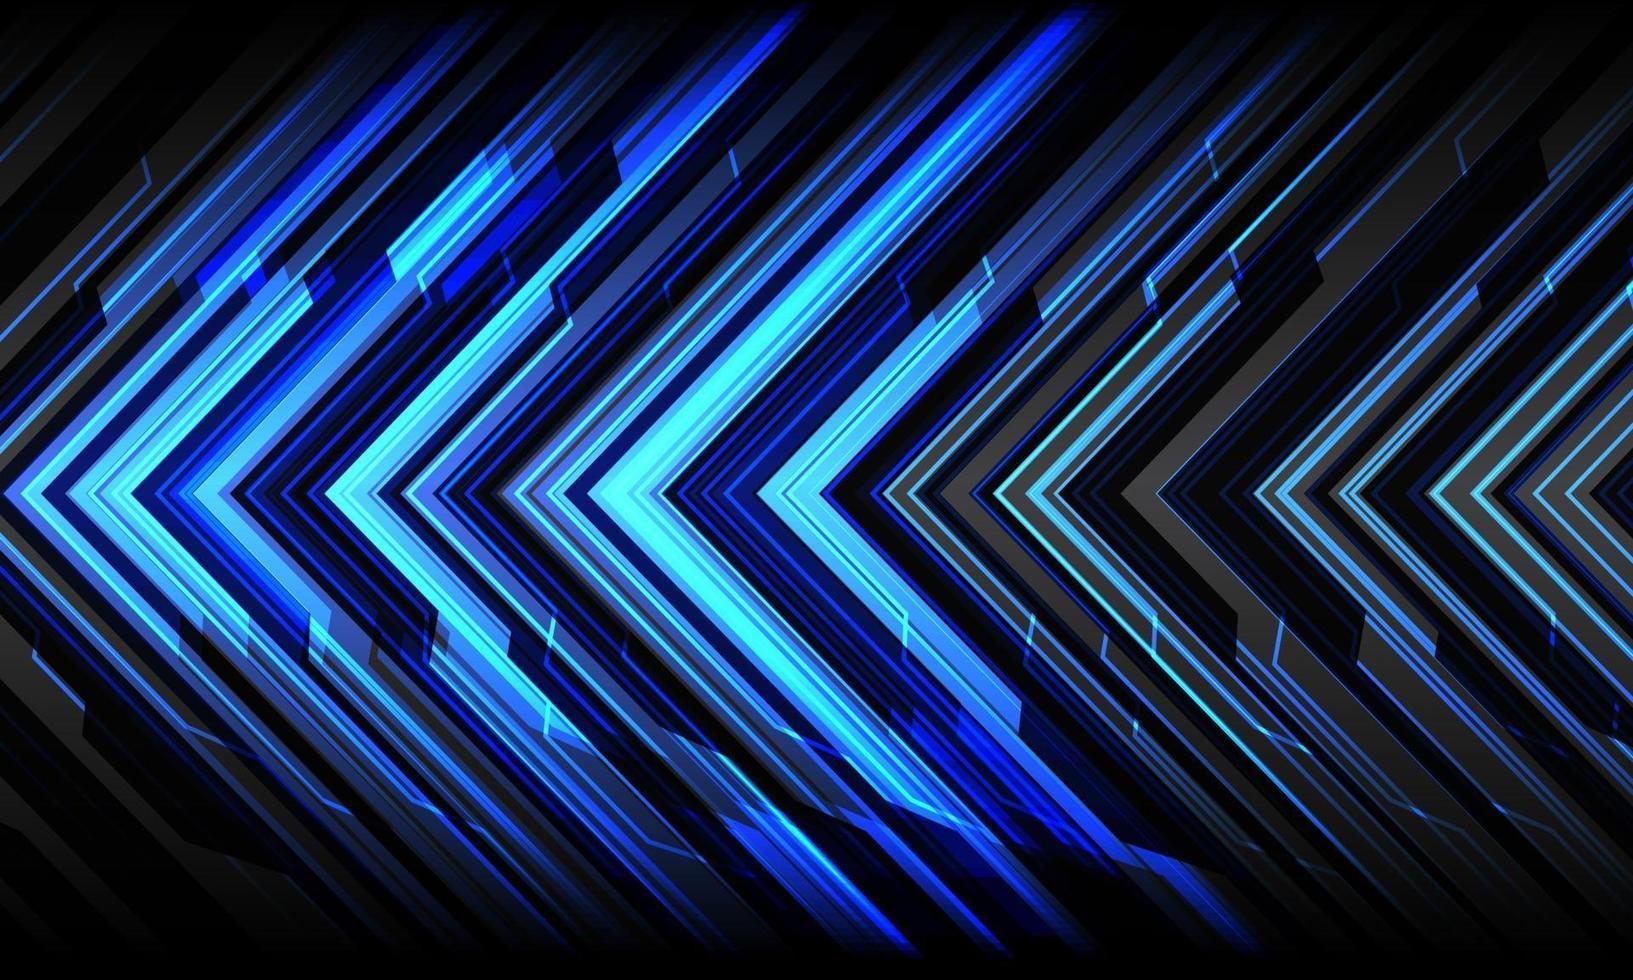 abstrato azul seta luz tecnologia cibernética geométrica direção futurista na ilustração em vetor fundo moderno design cinza.